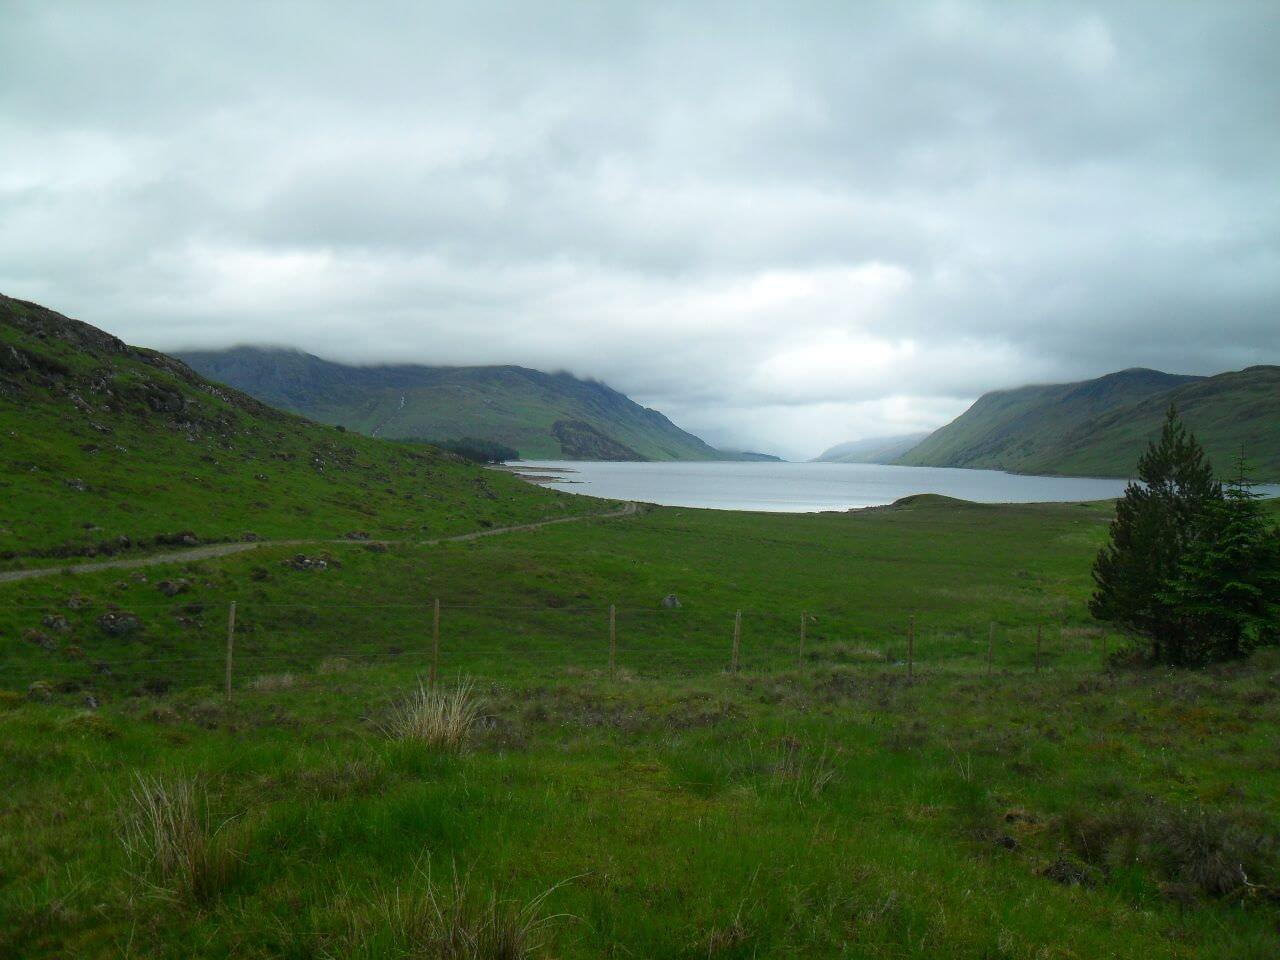 Schließlich erreiche ich das südliche Ende von <em>Loch Ericht</em>.<br/>Links davon der wolkenverhangene <em>Ben Alder</em>, mit 1148m ein Munro. <br/>Am Ende des 25km langen Lochs liegt <em>Dalwhinnie</em>. Einen ebensolchen gönne ich mir während ich das hier schreibe. Slàinte!